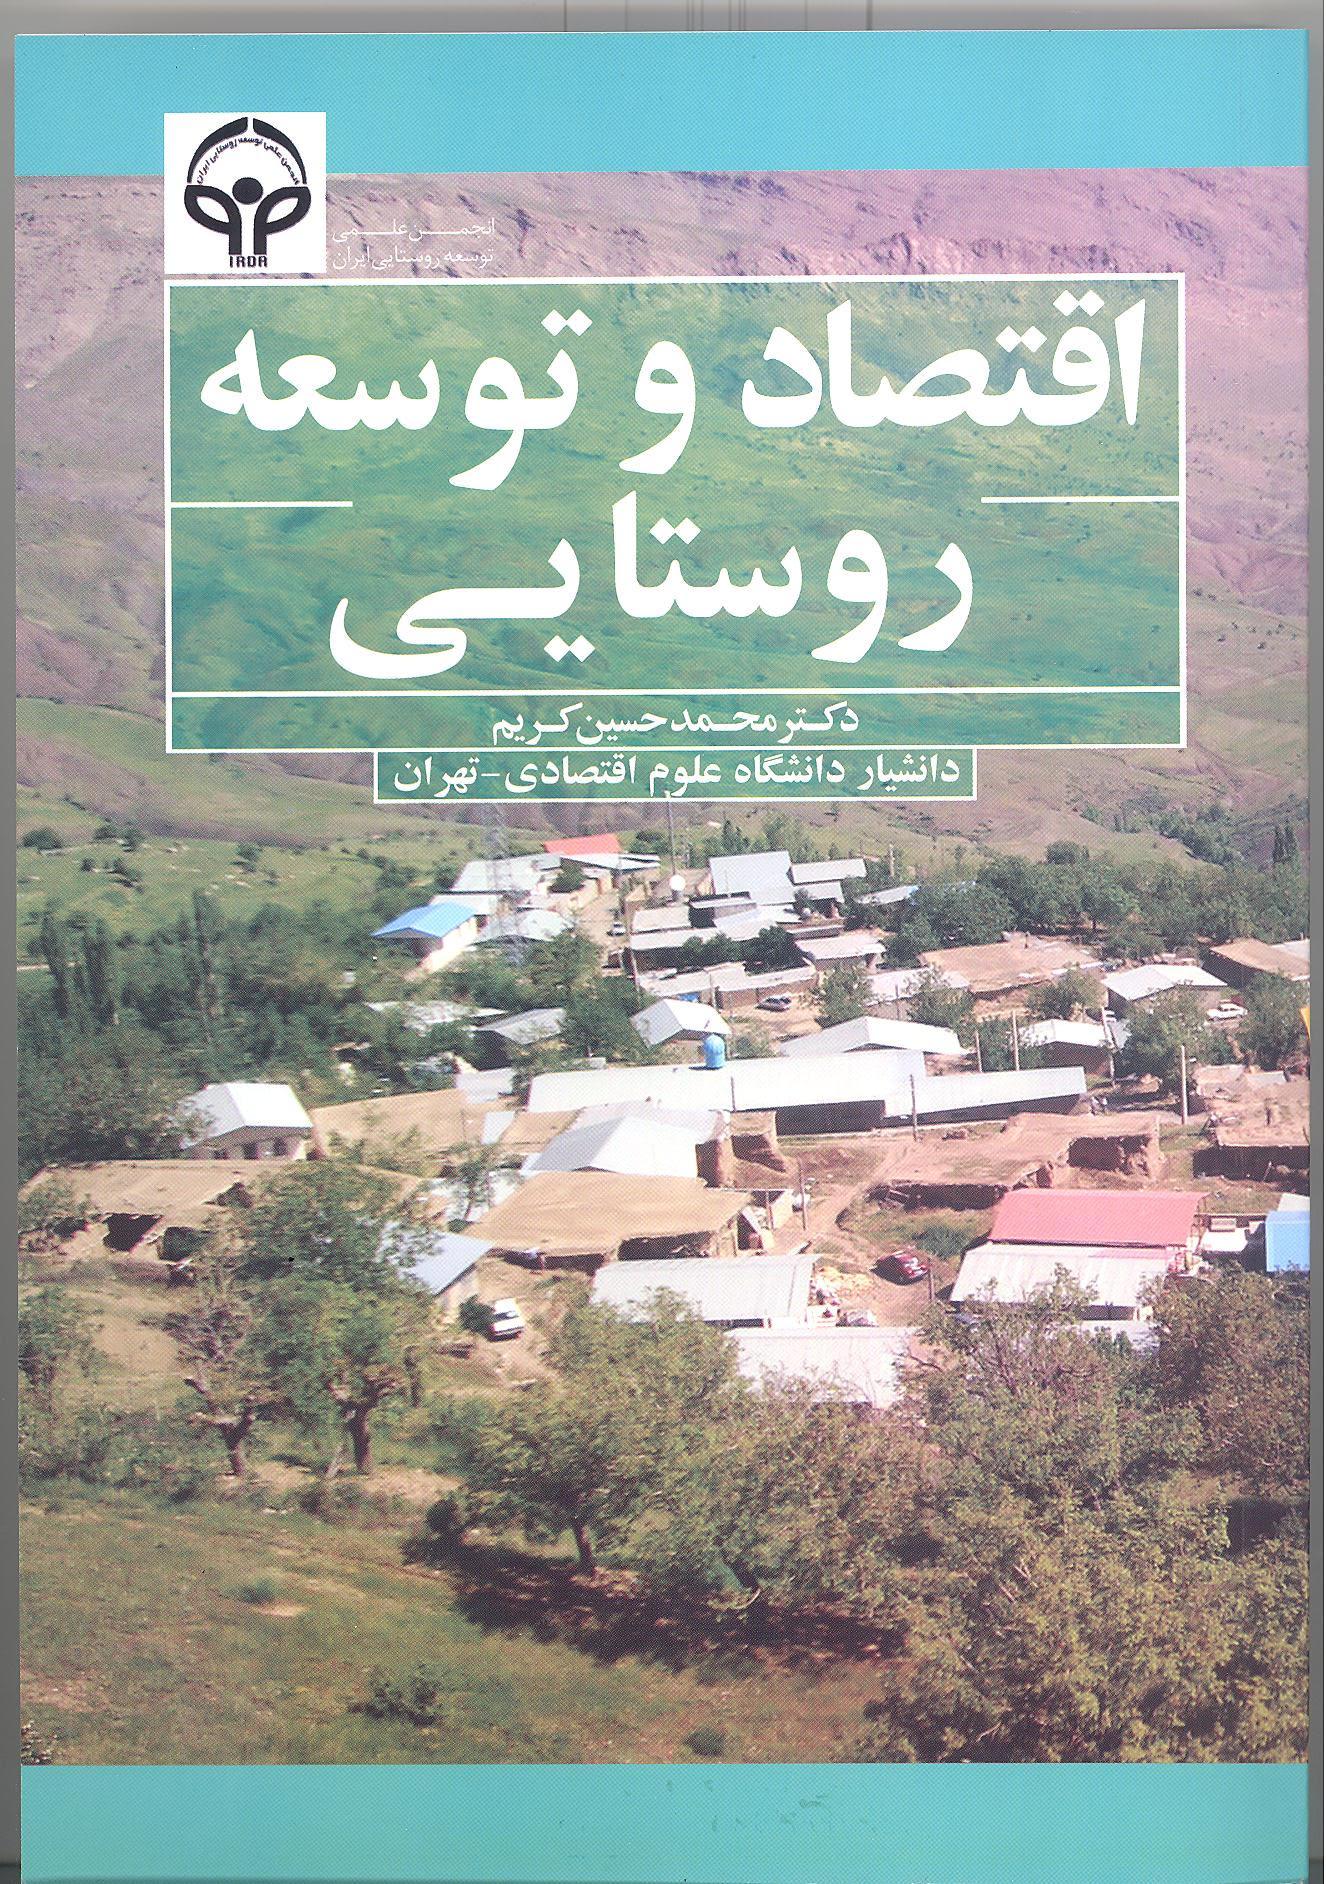 اقتصاد و توسعه روستایی